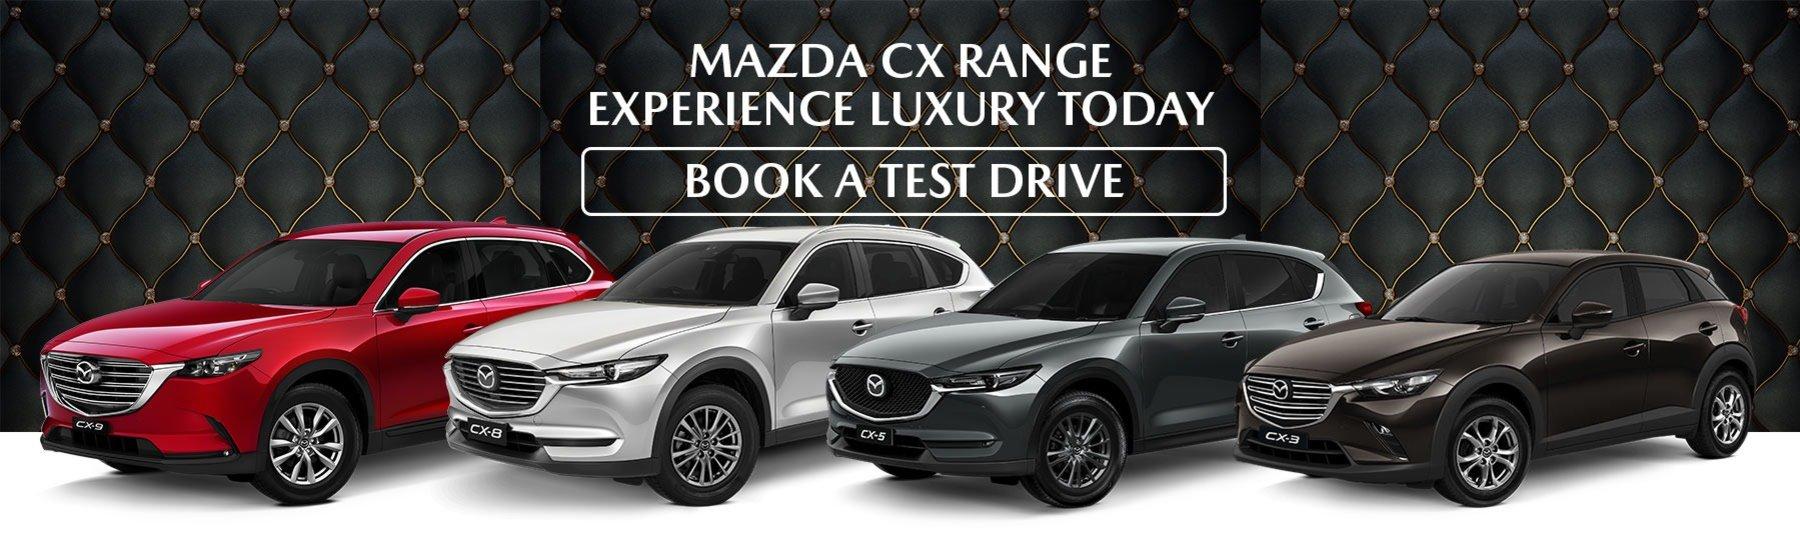 CX Range - Test Drive